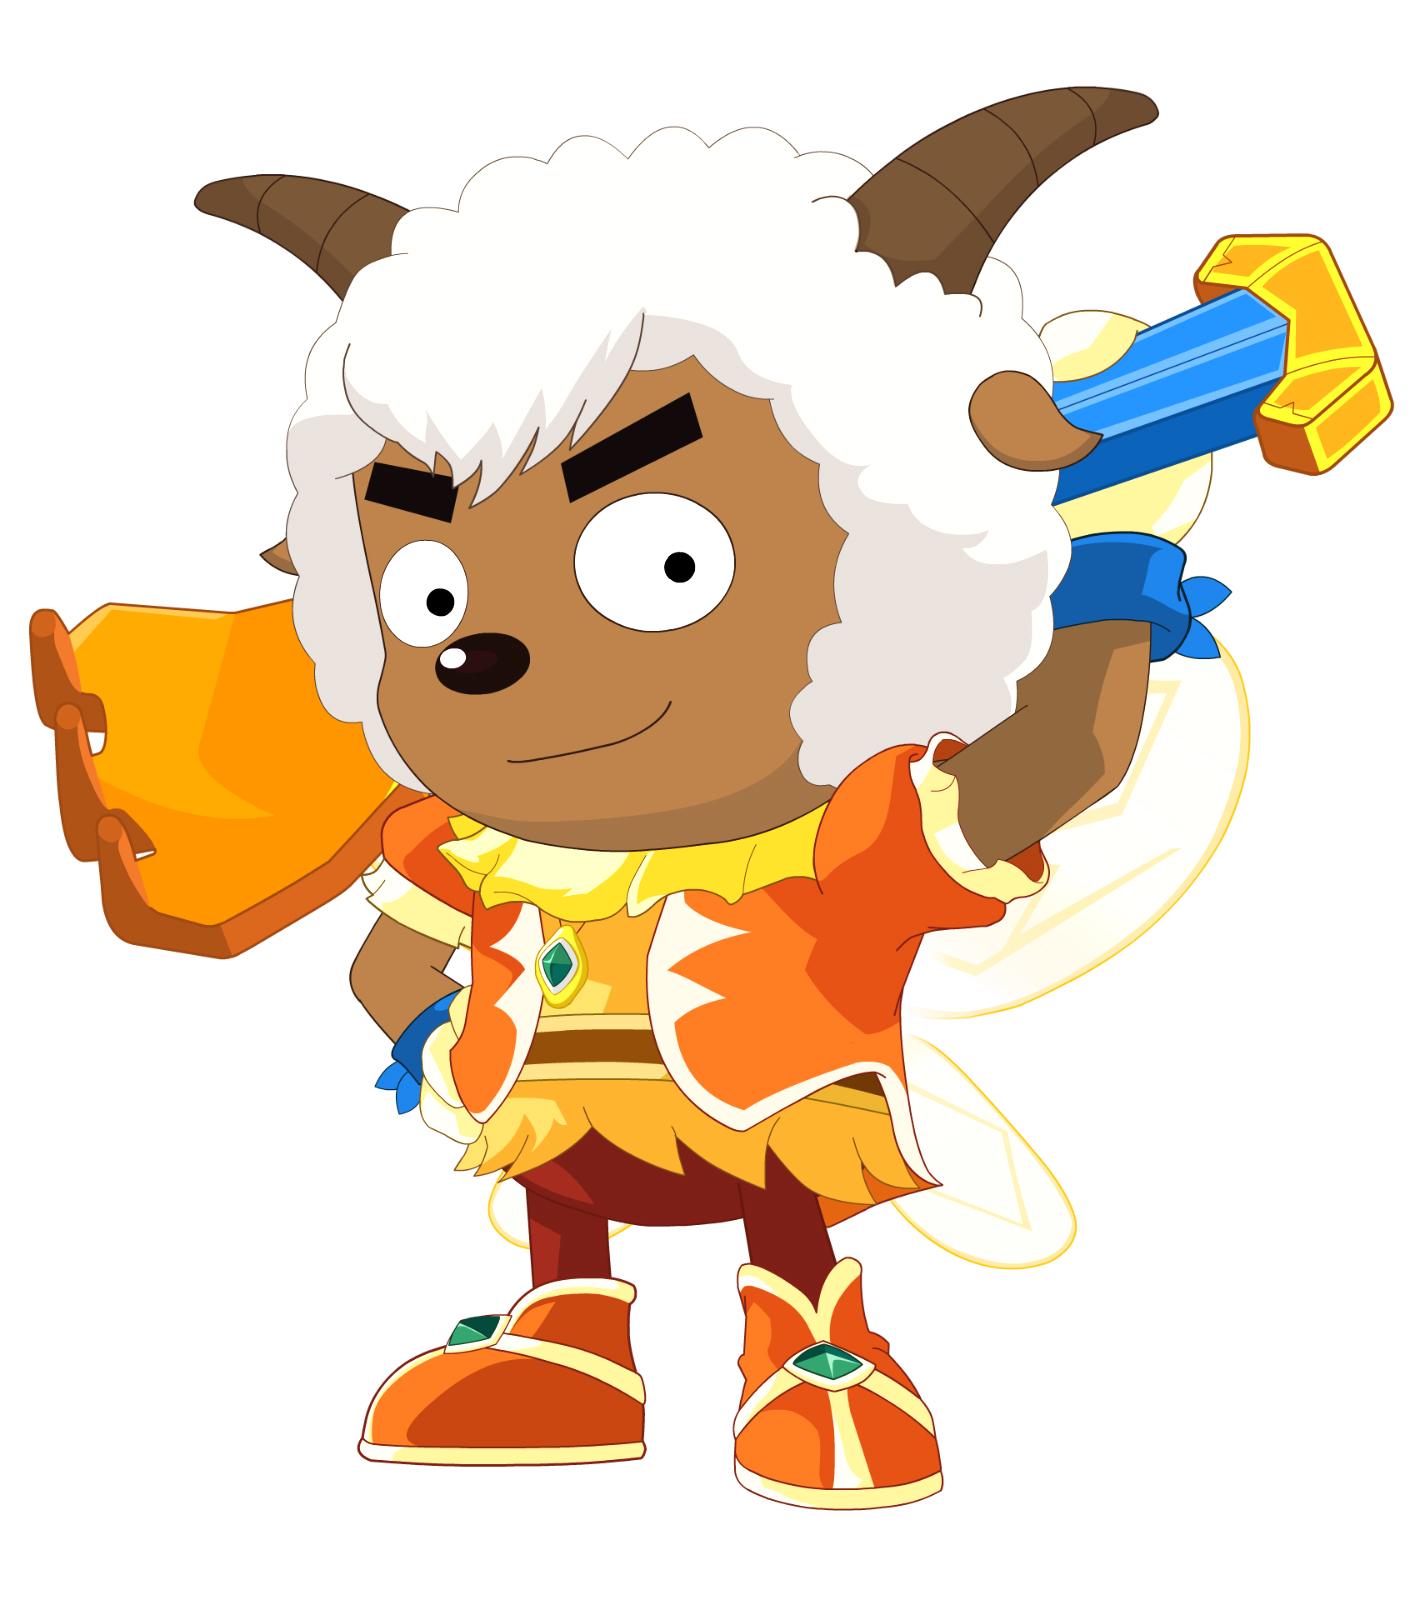 喜欢美羊羊,无论美羊羊有什么不顺心的事或遇到危险,沸羊羊总是站在头